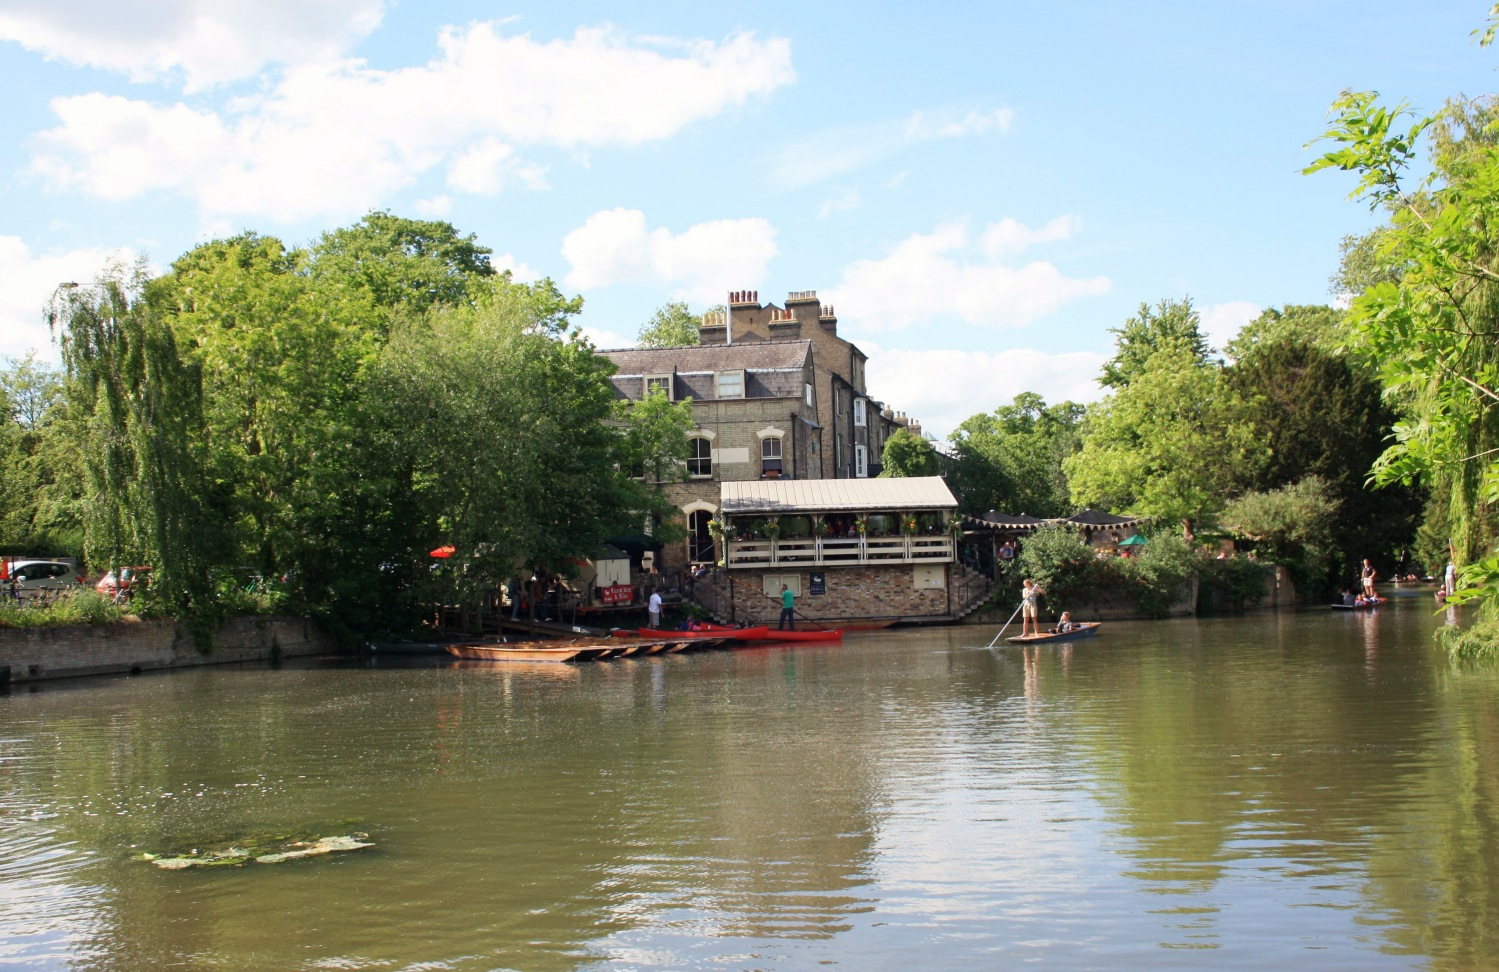 The Granta rivière